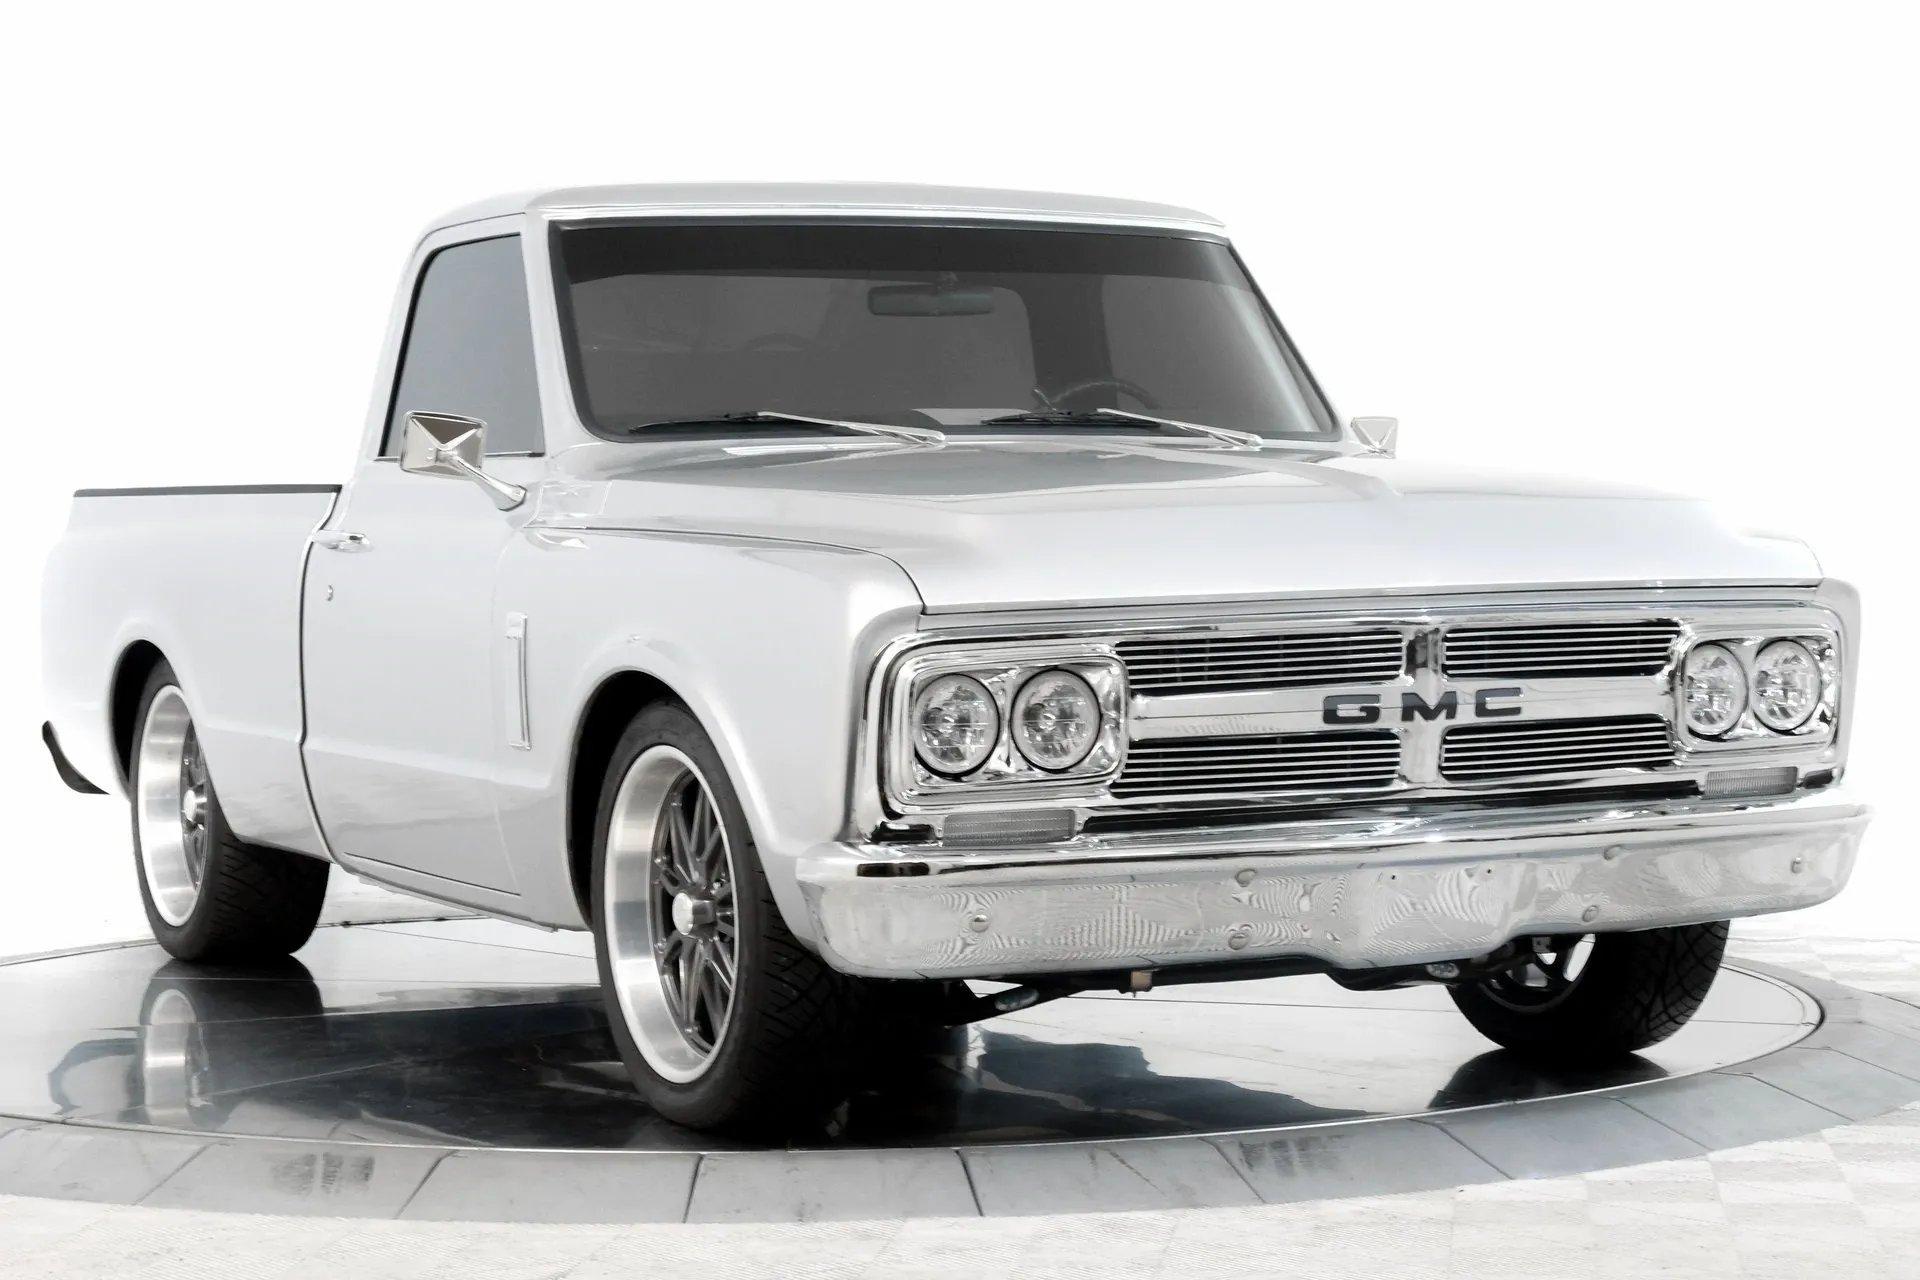 1969 gmc c10 restomod pickup